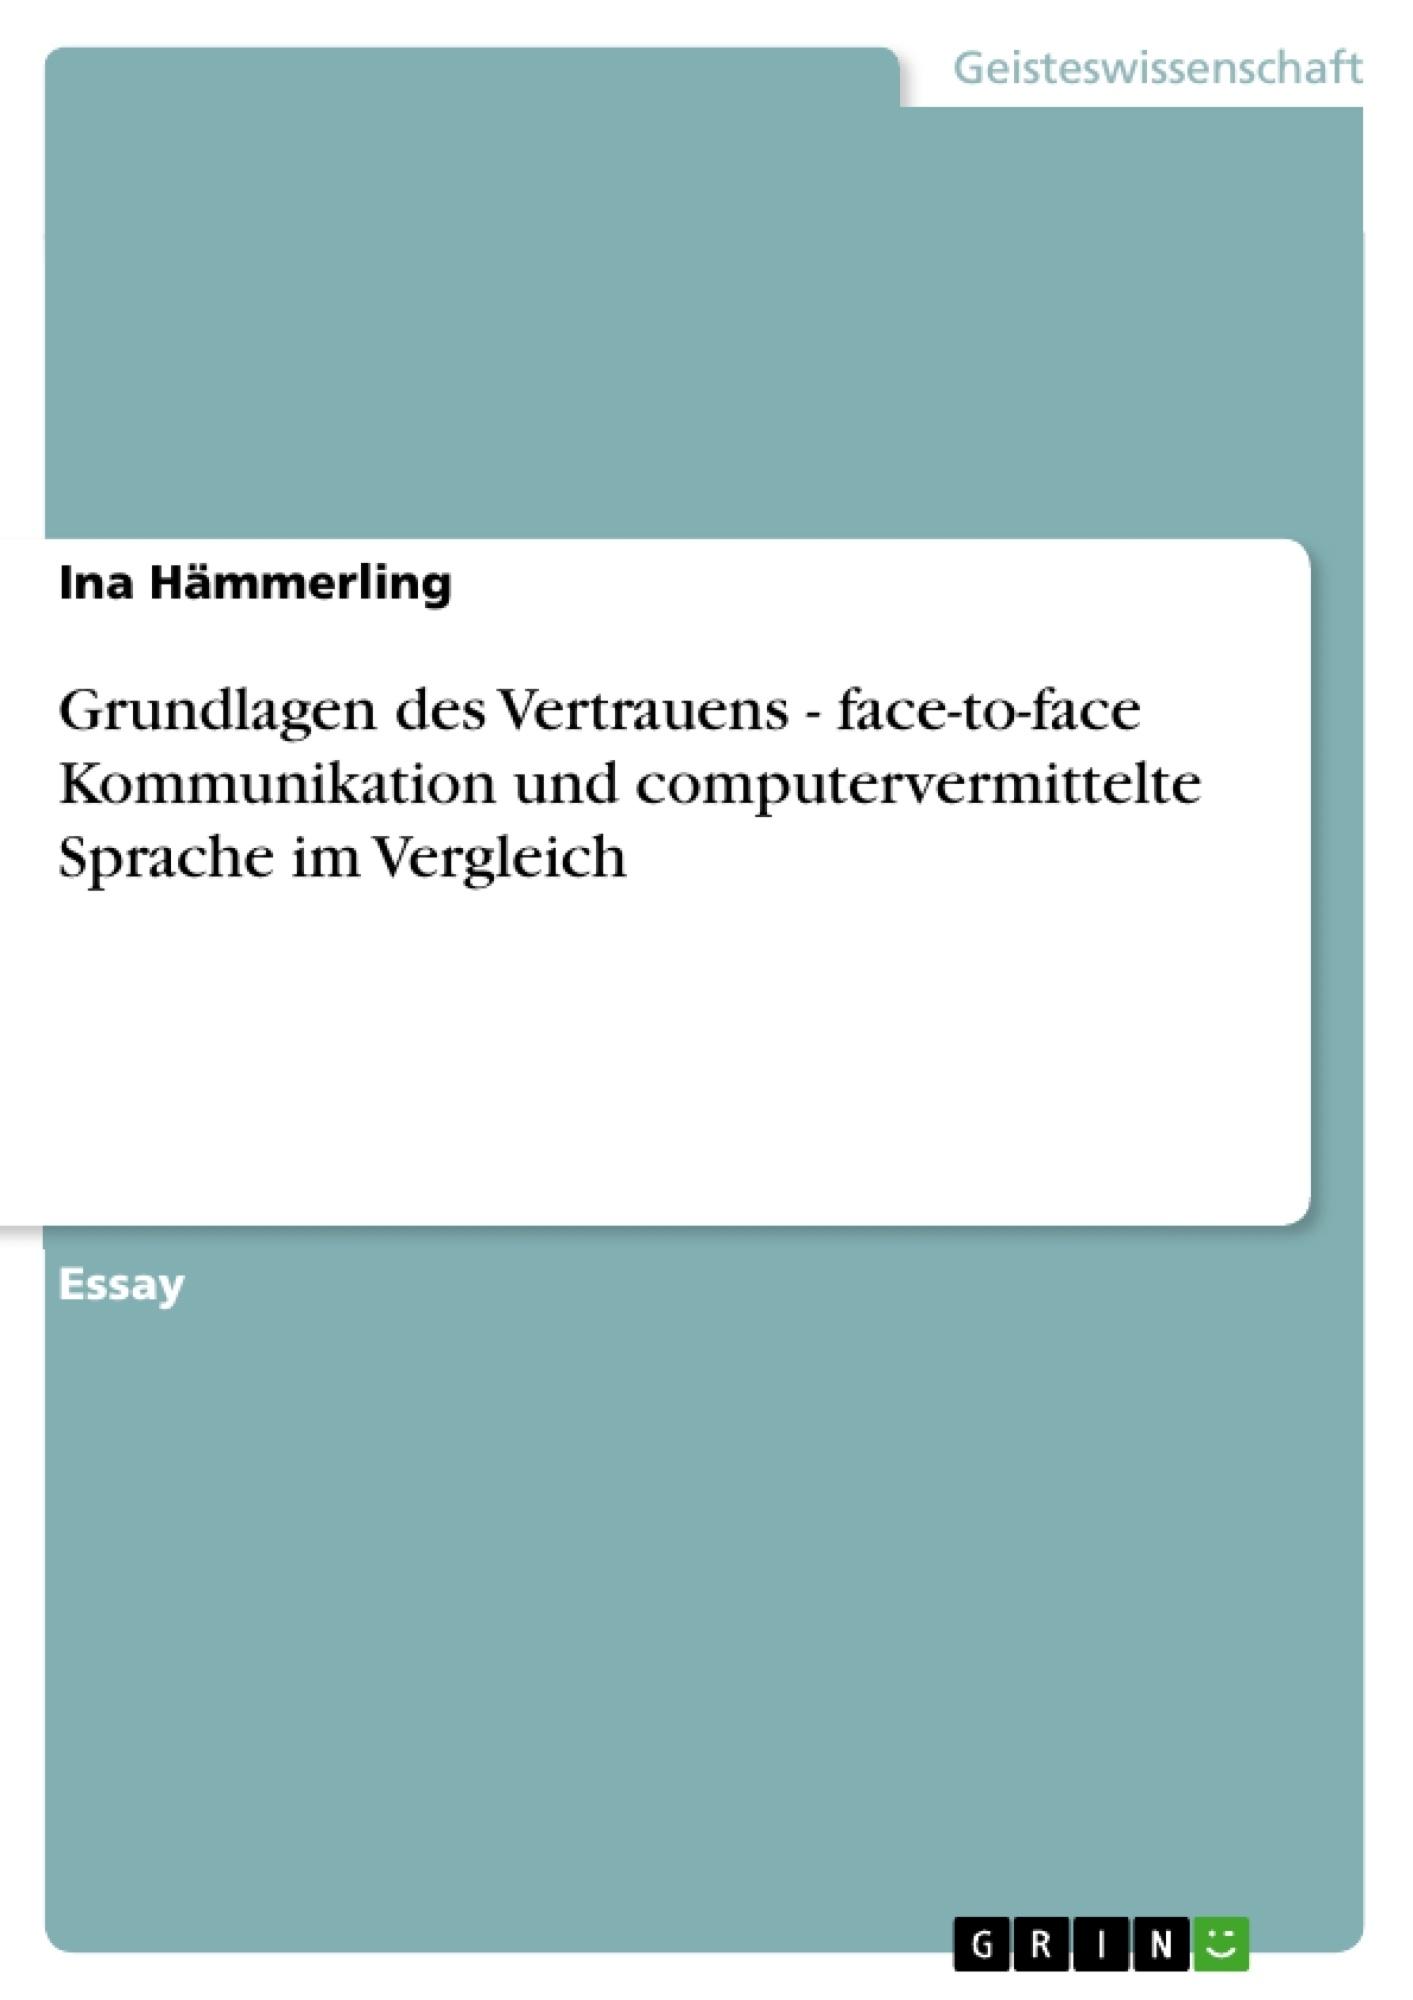 Titel: Grundlagen des Vertrauens - face-to-face Kommunikation und computervermittelte Sprache im Vergleich